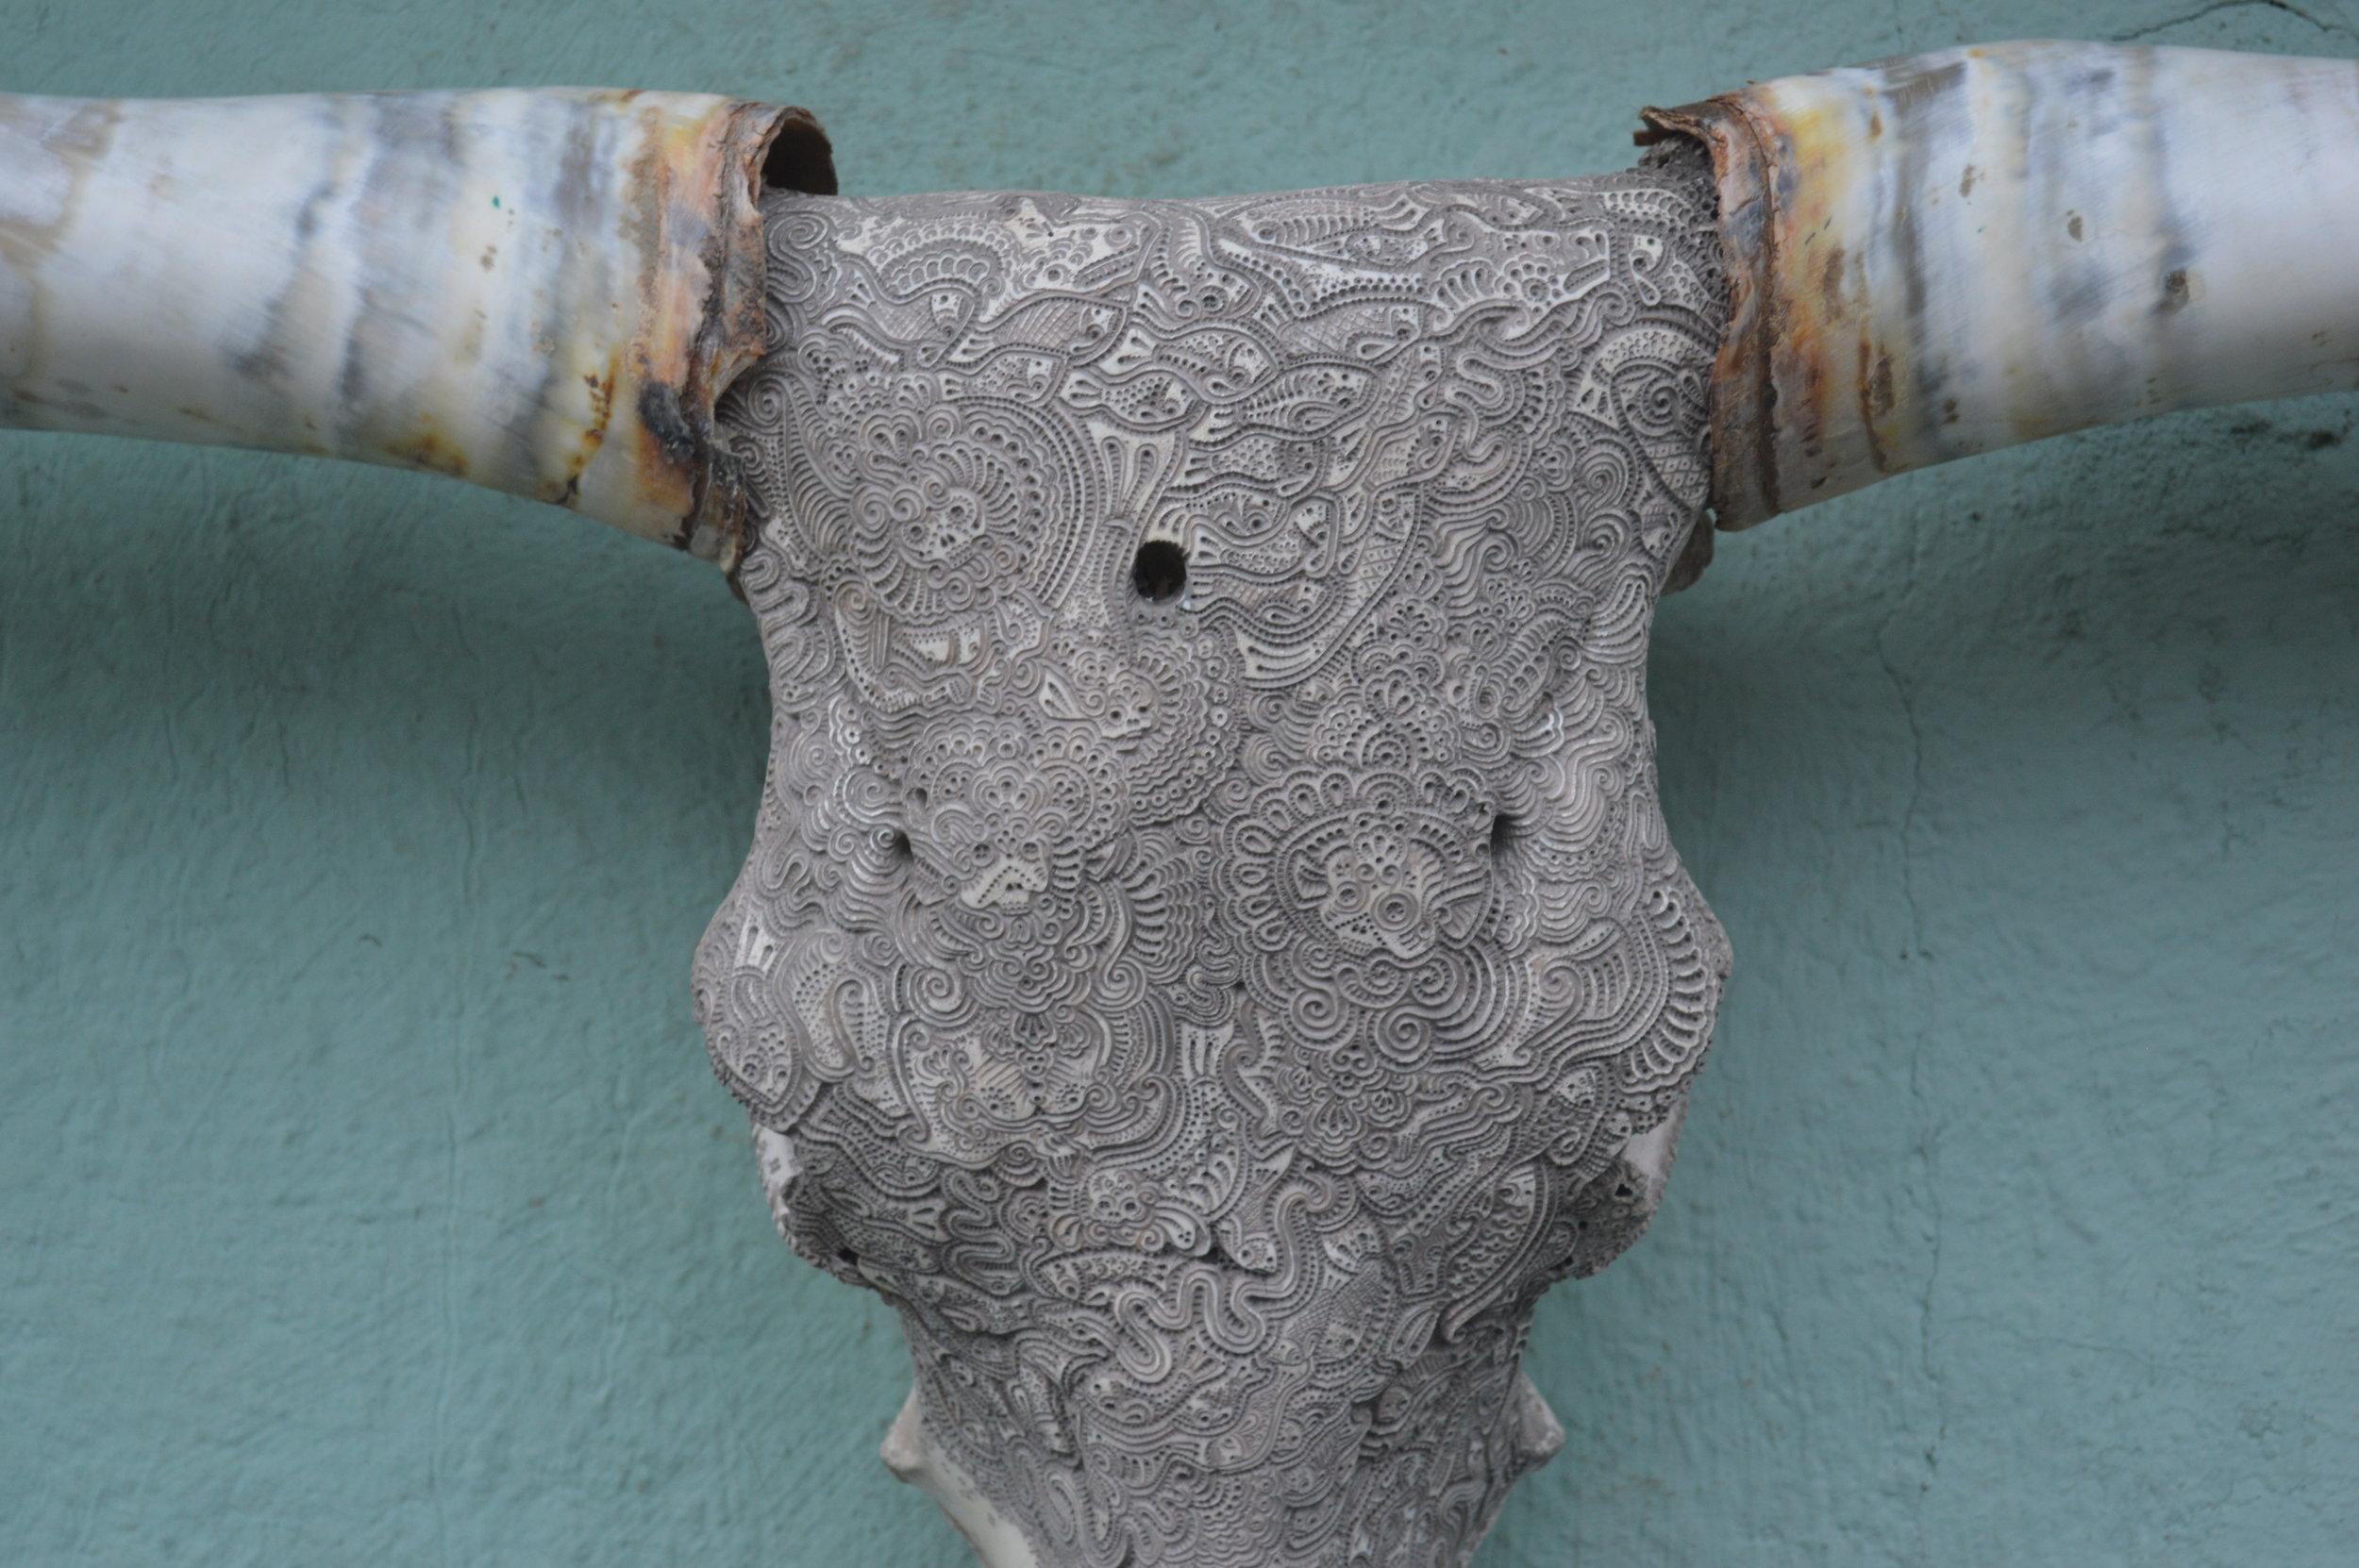 bone-art-by-jason-borders.JPG